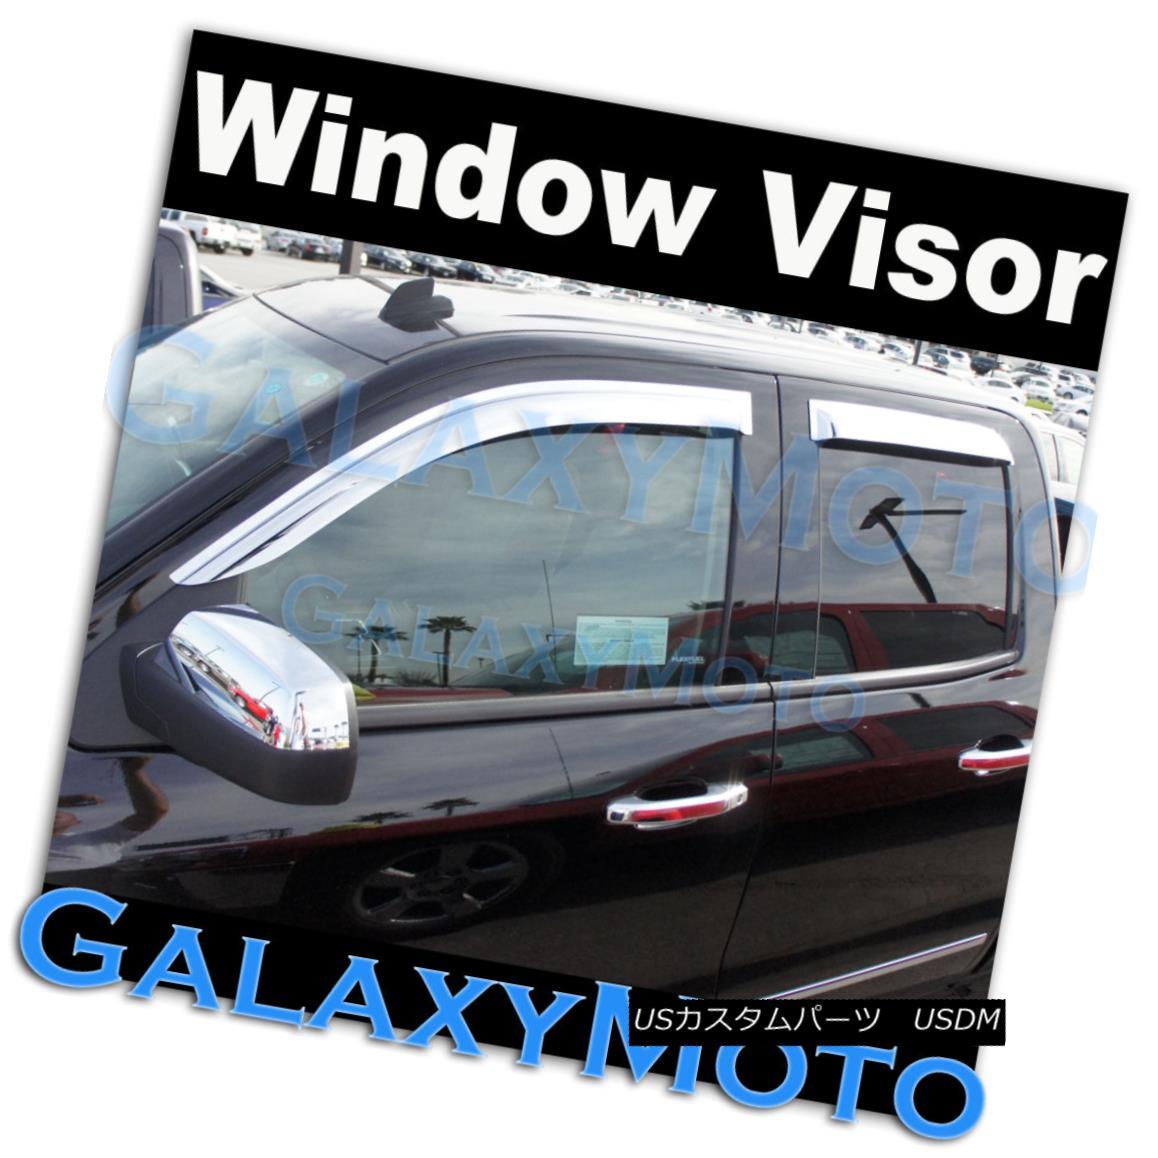 グリル 14-15 Silverado 1500 Extended Cab Chrome 4 Door Window Visor Rain Sun Guard Vent 14-15 Silverado 1500拡張キャブクロム4ドアウィンドウバイザーレインサンガードベント